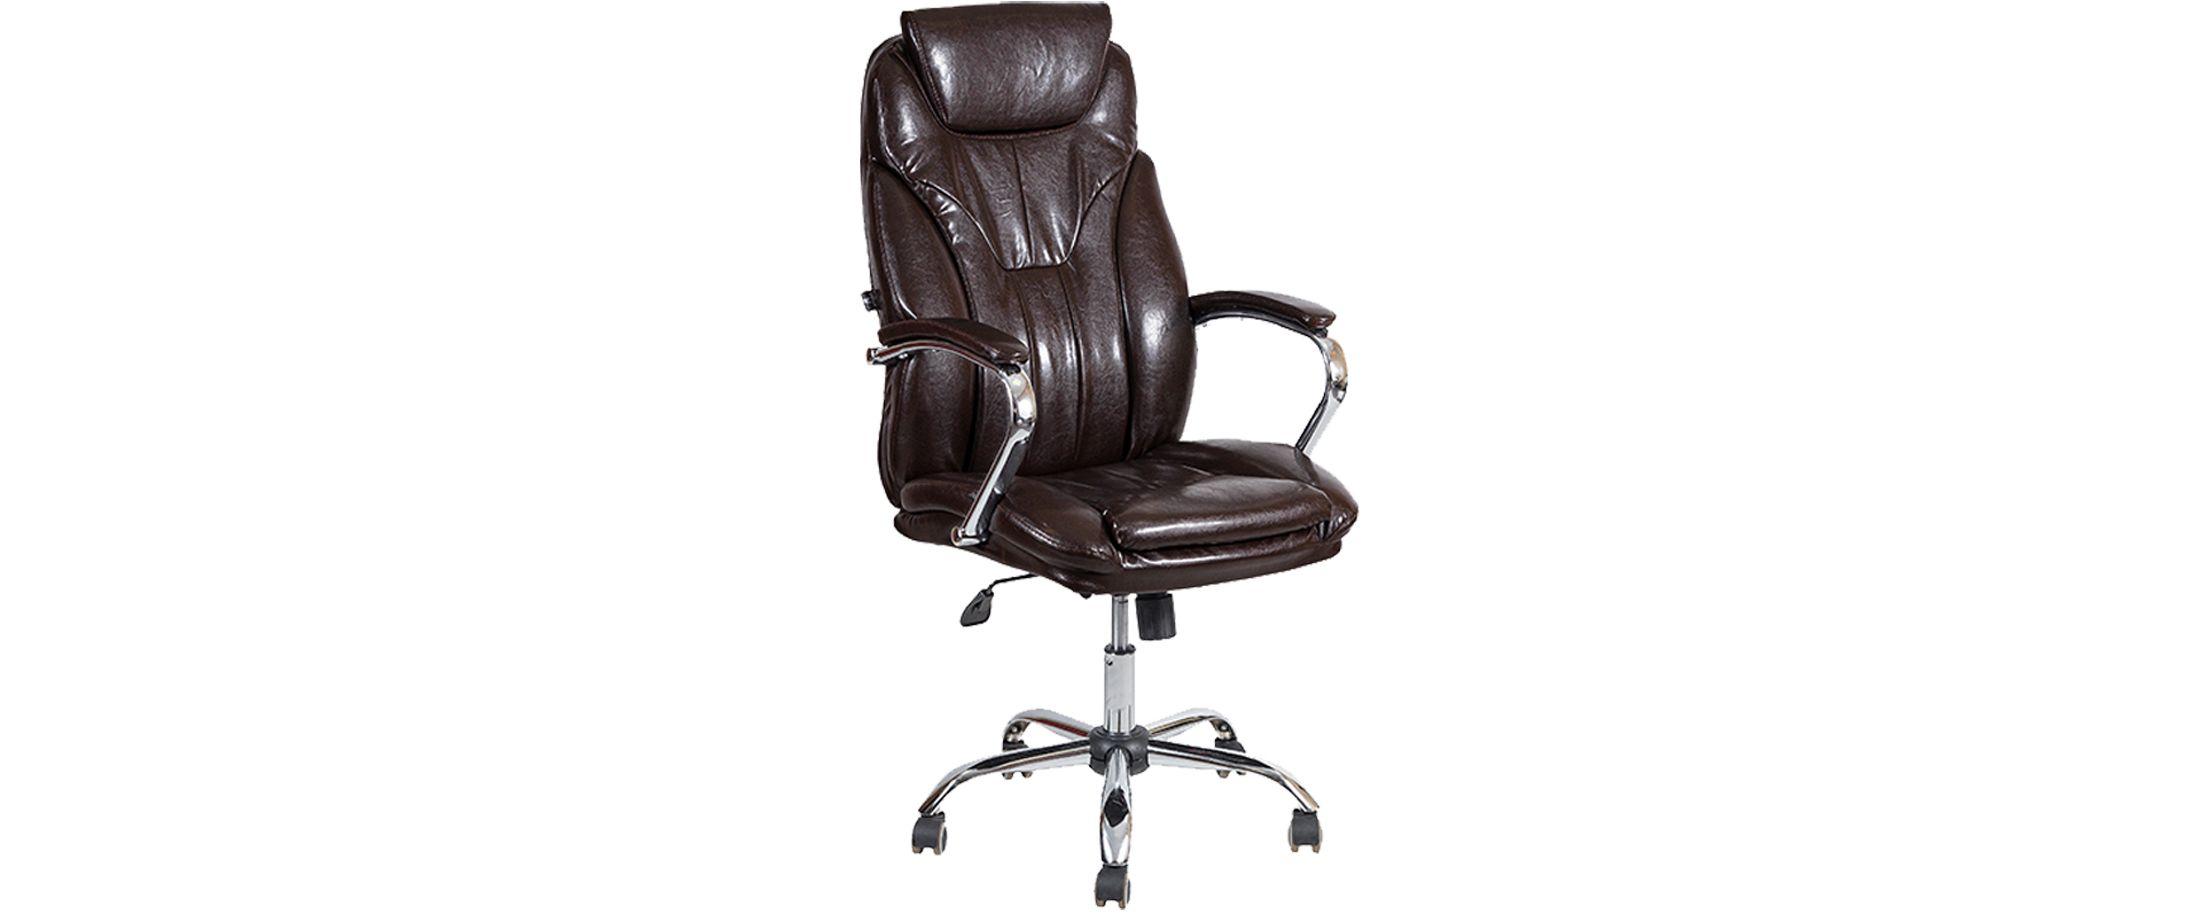 Кресло офисное AV 117 из экокожи цвет шоколад Модель 999Кресло офисное AV 117 из экокожи цвет шоколад Модель 999. Артикул Д000693<br><br>Ширина см: 49<br>Глубина см: 64<br>Высота см: 127<br>Цвет: Коричневый